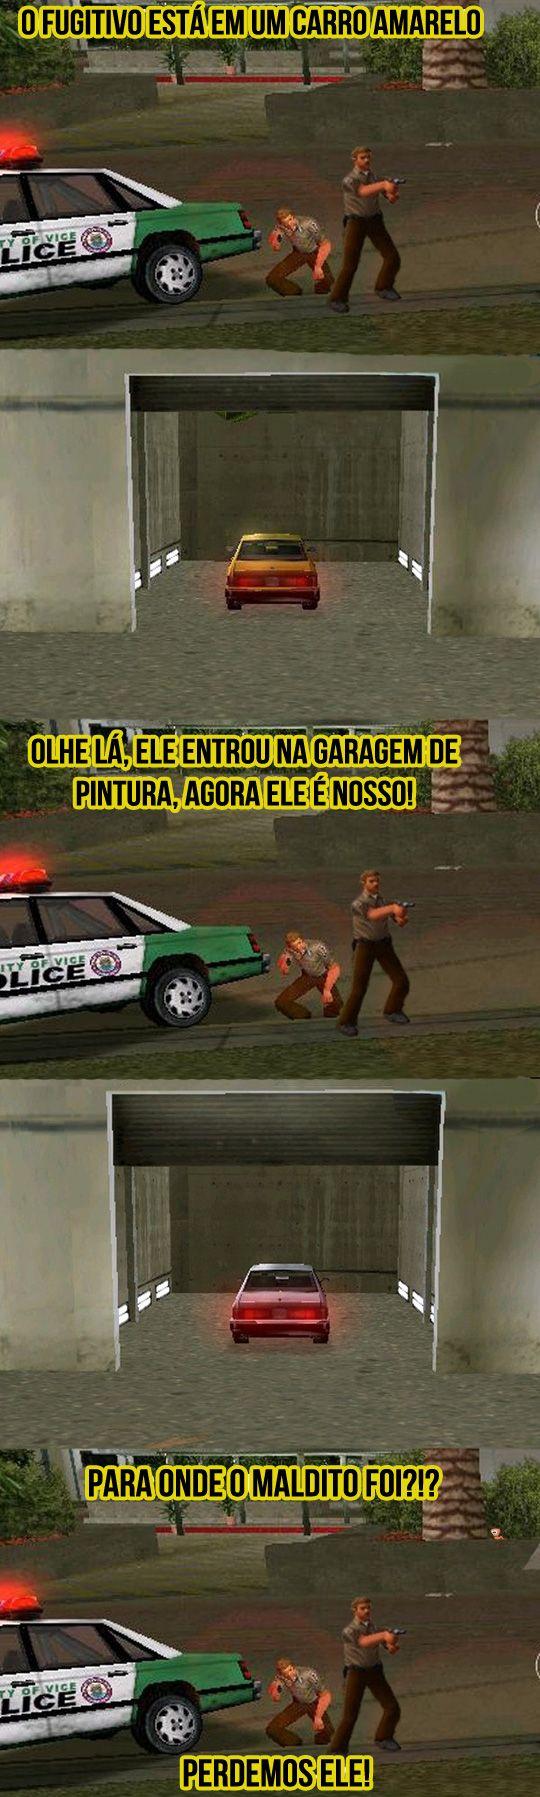 Policiais mais espertos da história do videogame.